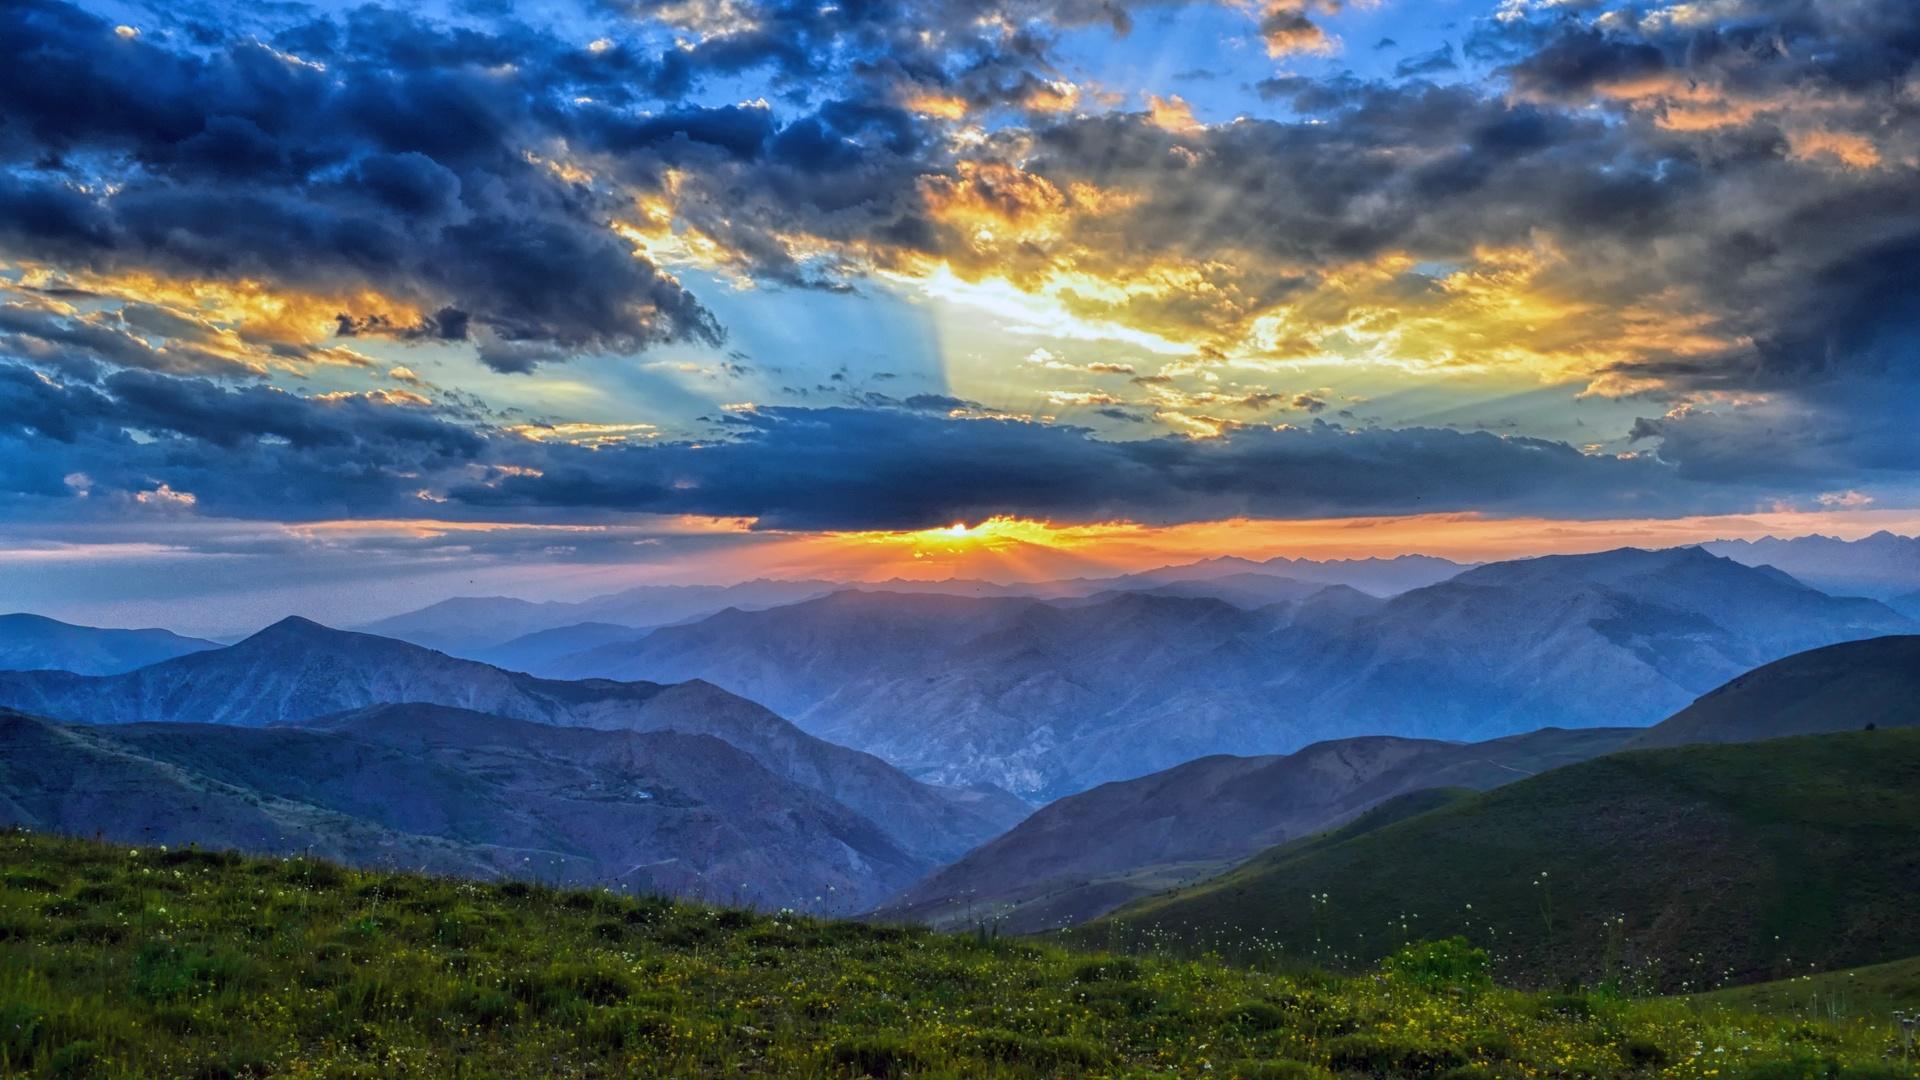 лучи света, природа, облака